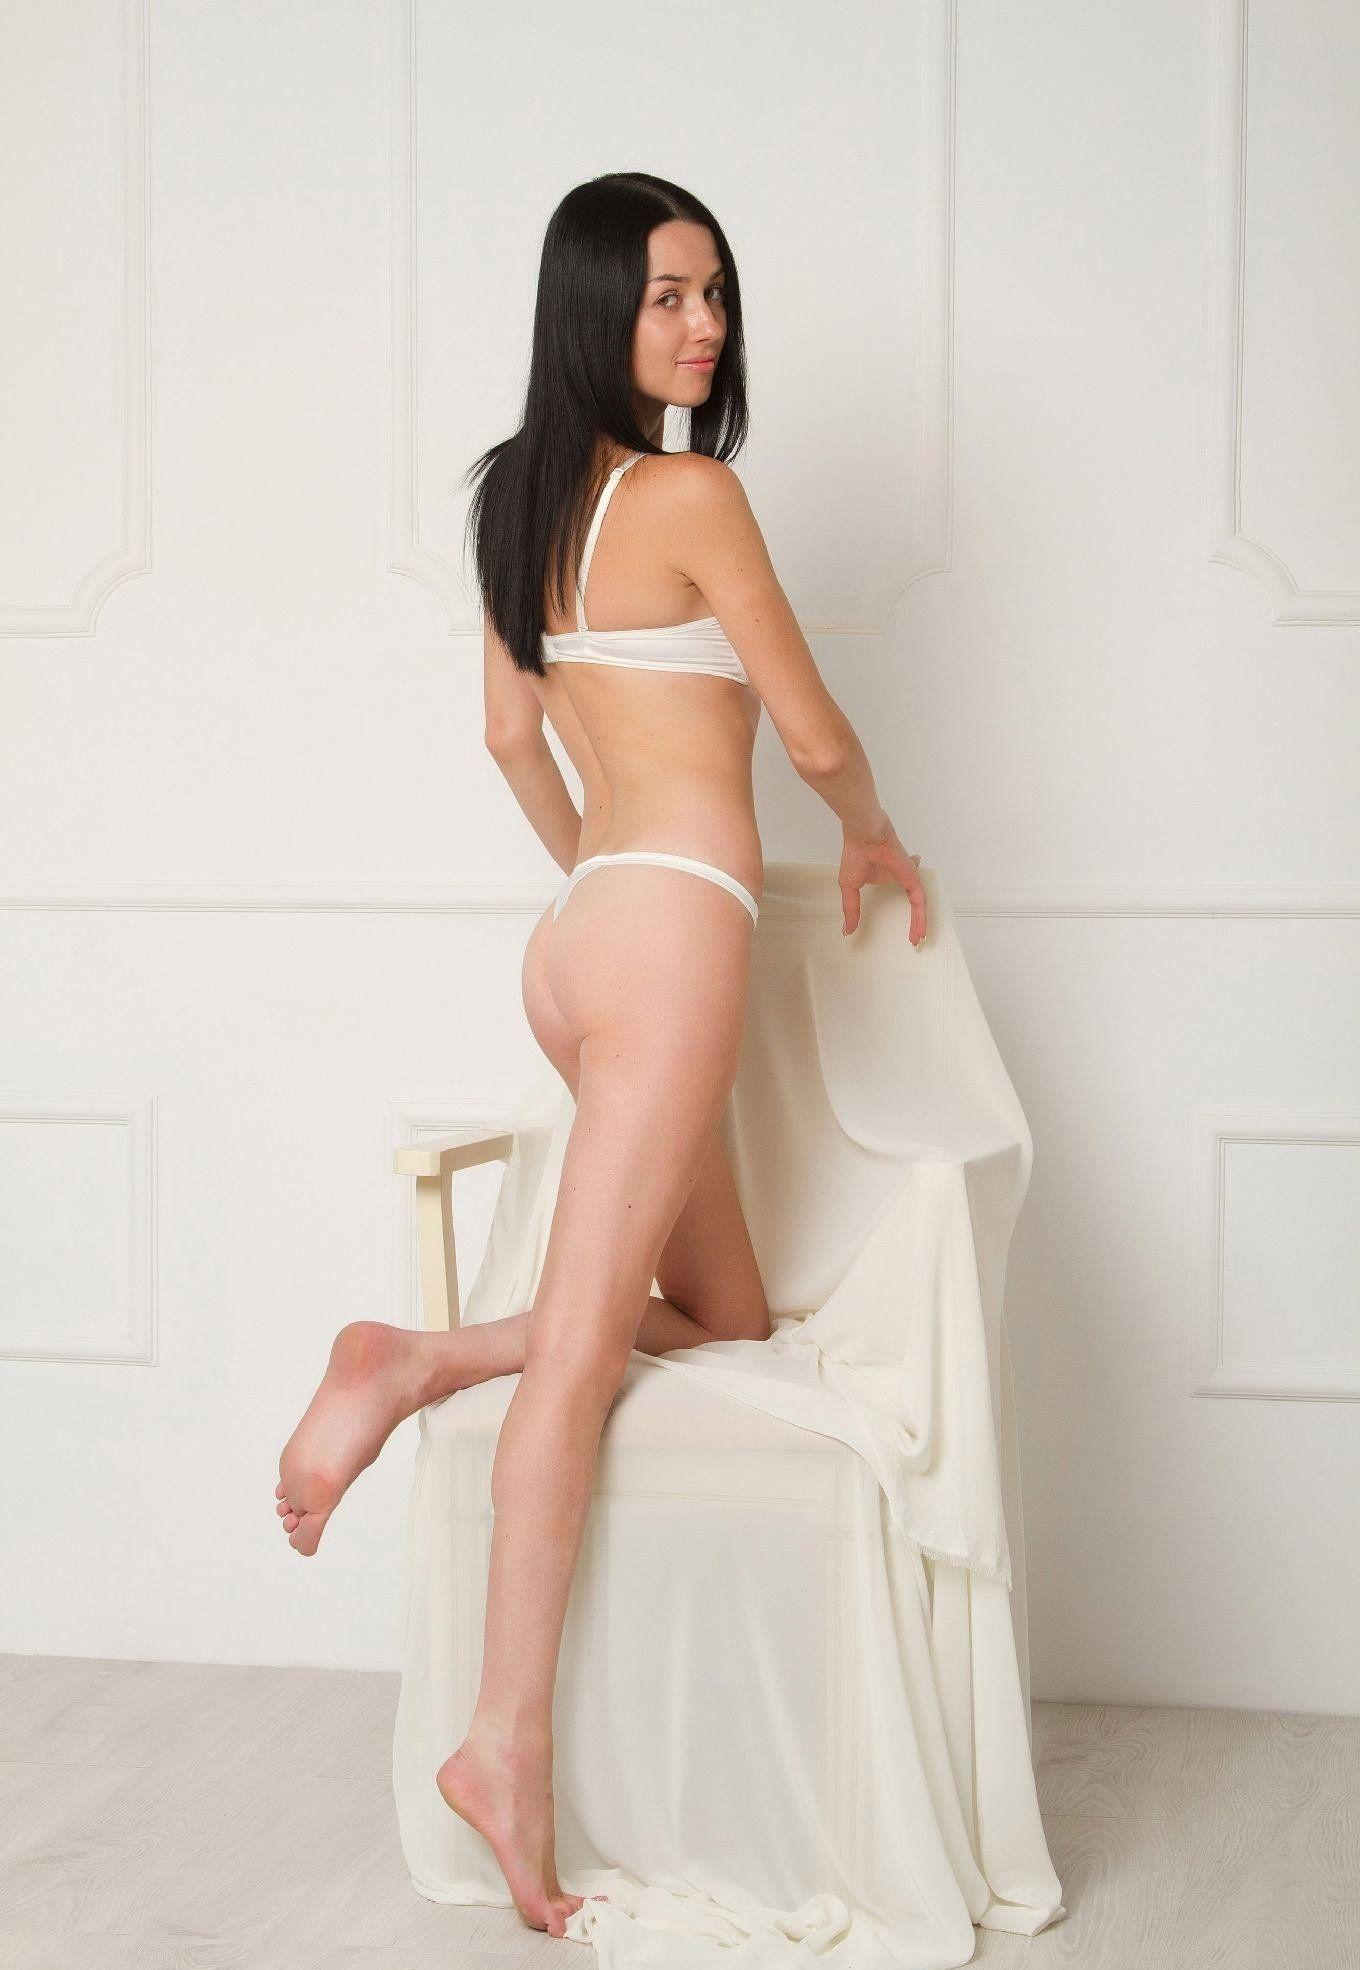 Курган снять проститутку пляжные проститутки